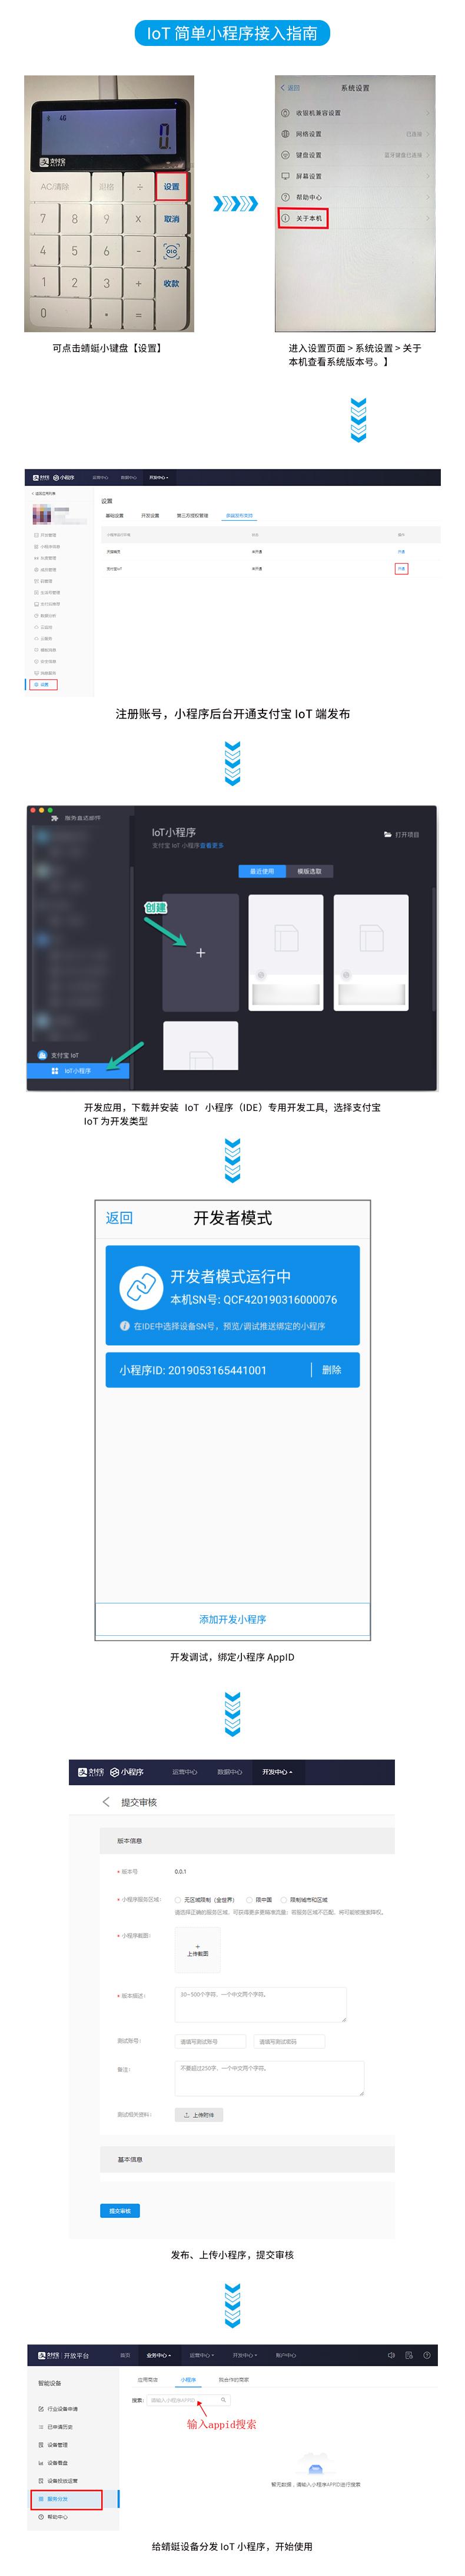 支付宝盒蜻蜓F1_小程序_12.jpg